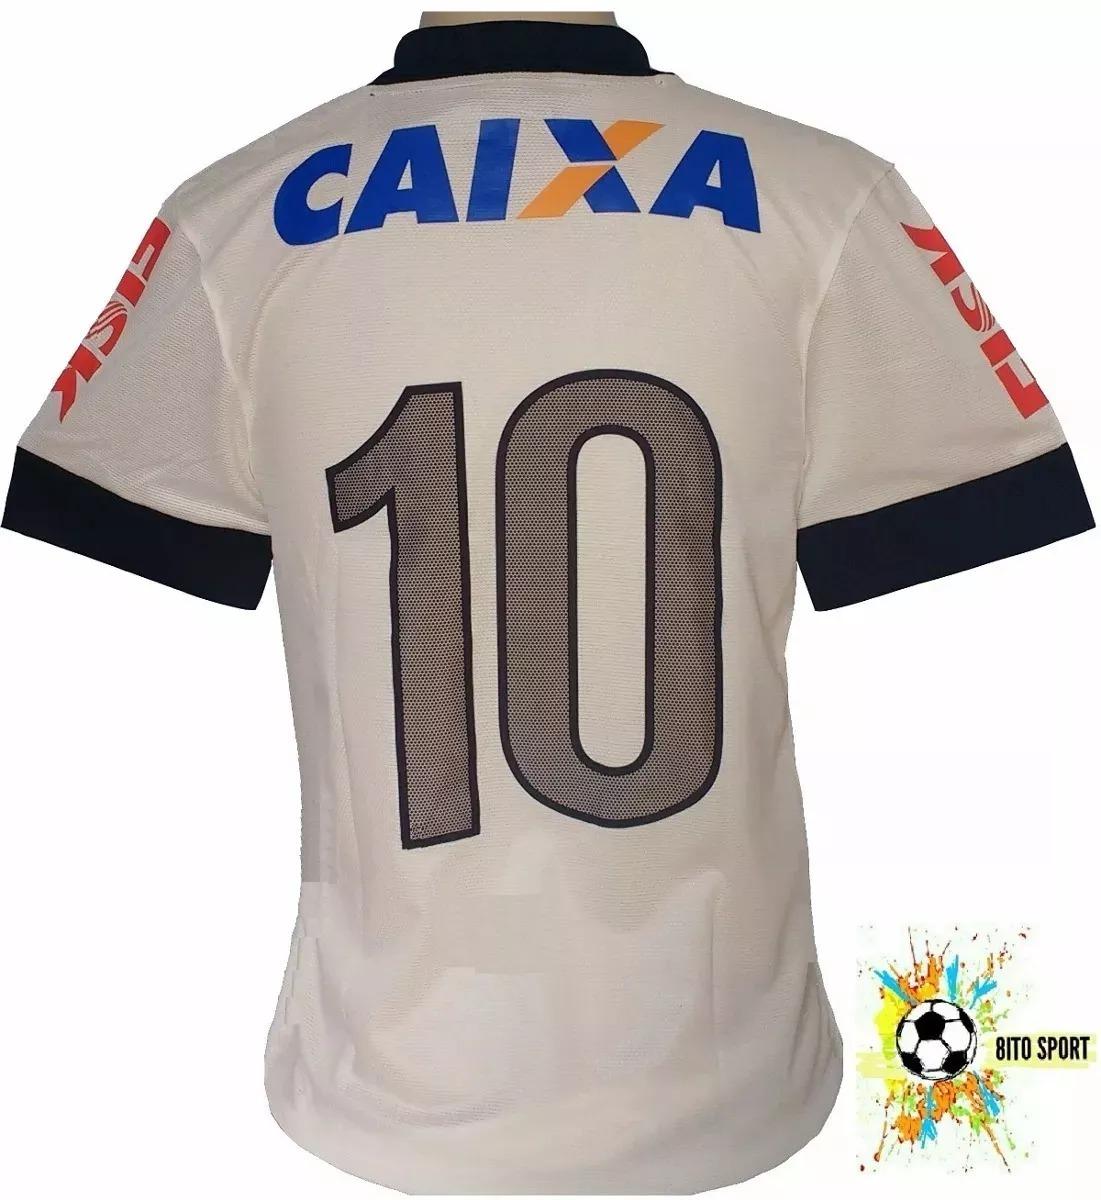 15cca808e4df0 camisa corinthians nike campeão mundial libertadores patchs. Carregando zoom .